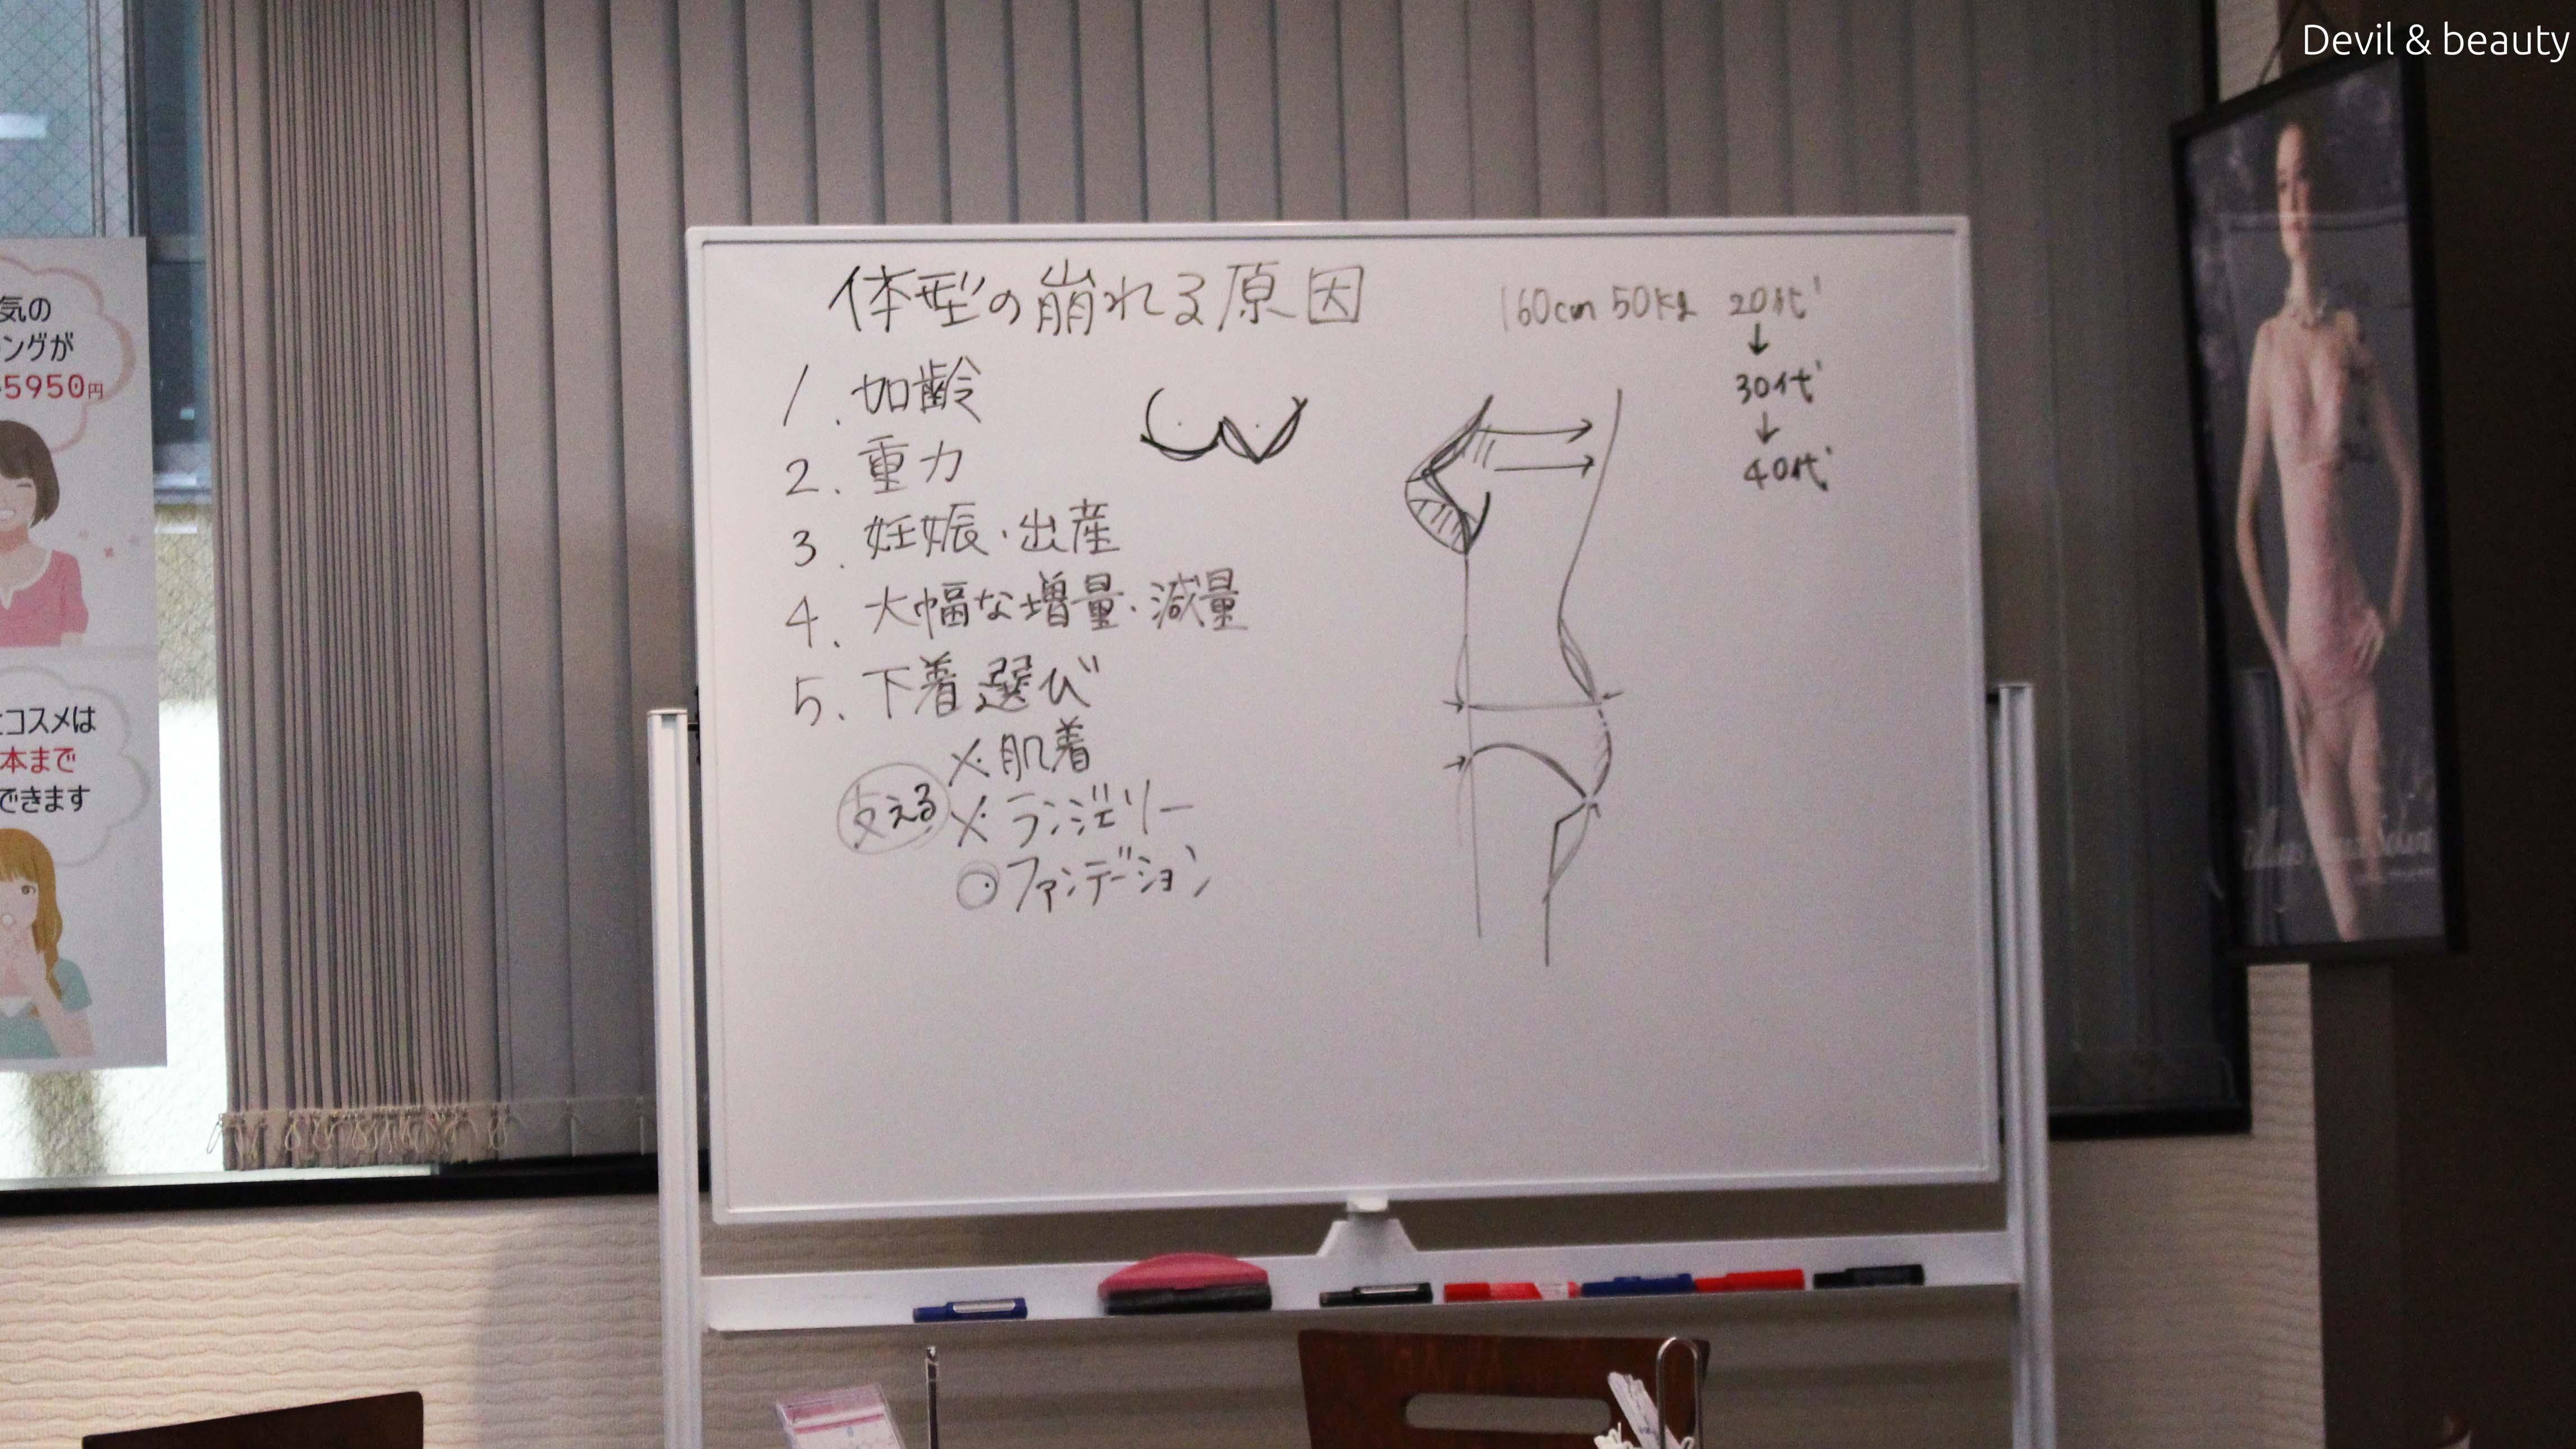 maruko-shinjyuku-4times3 - image